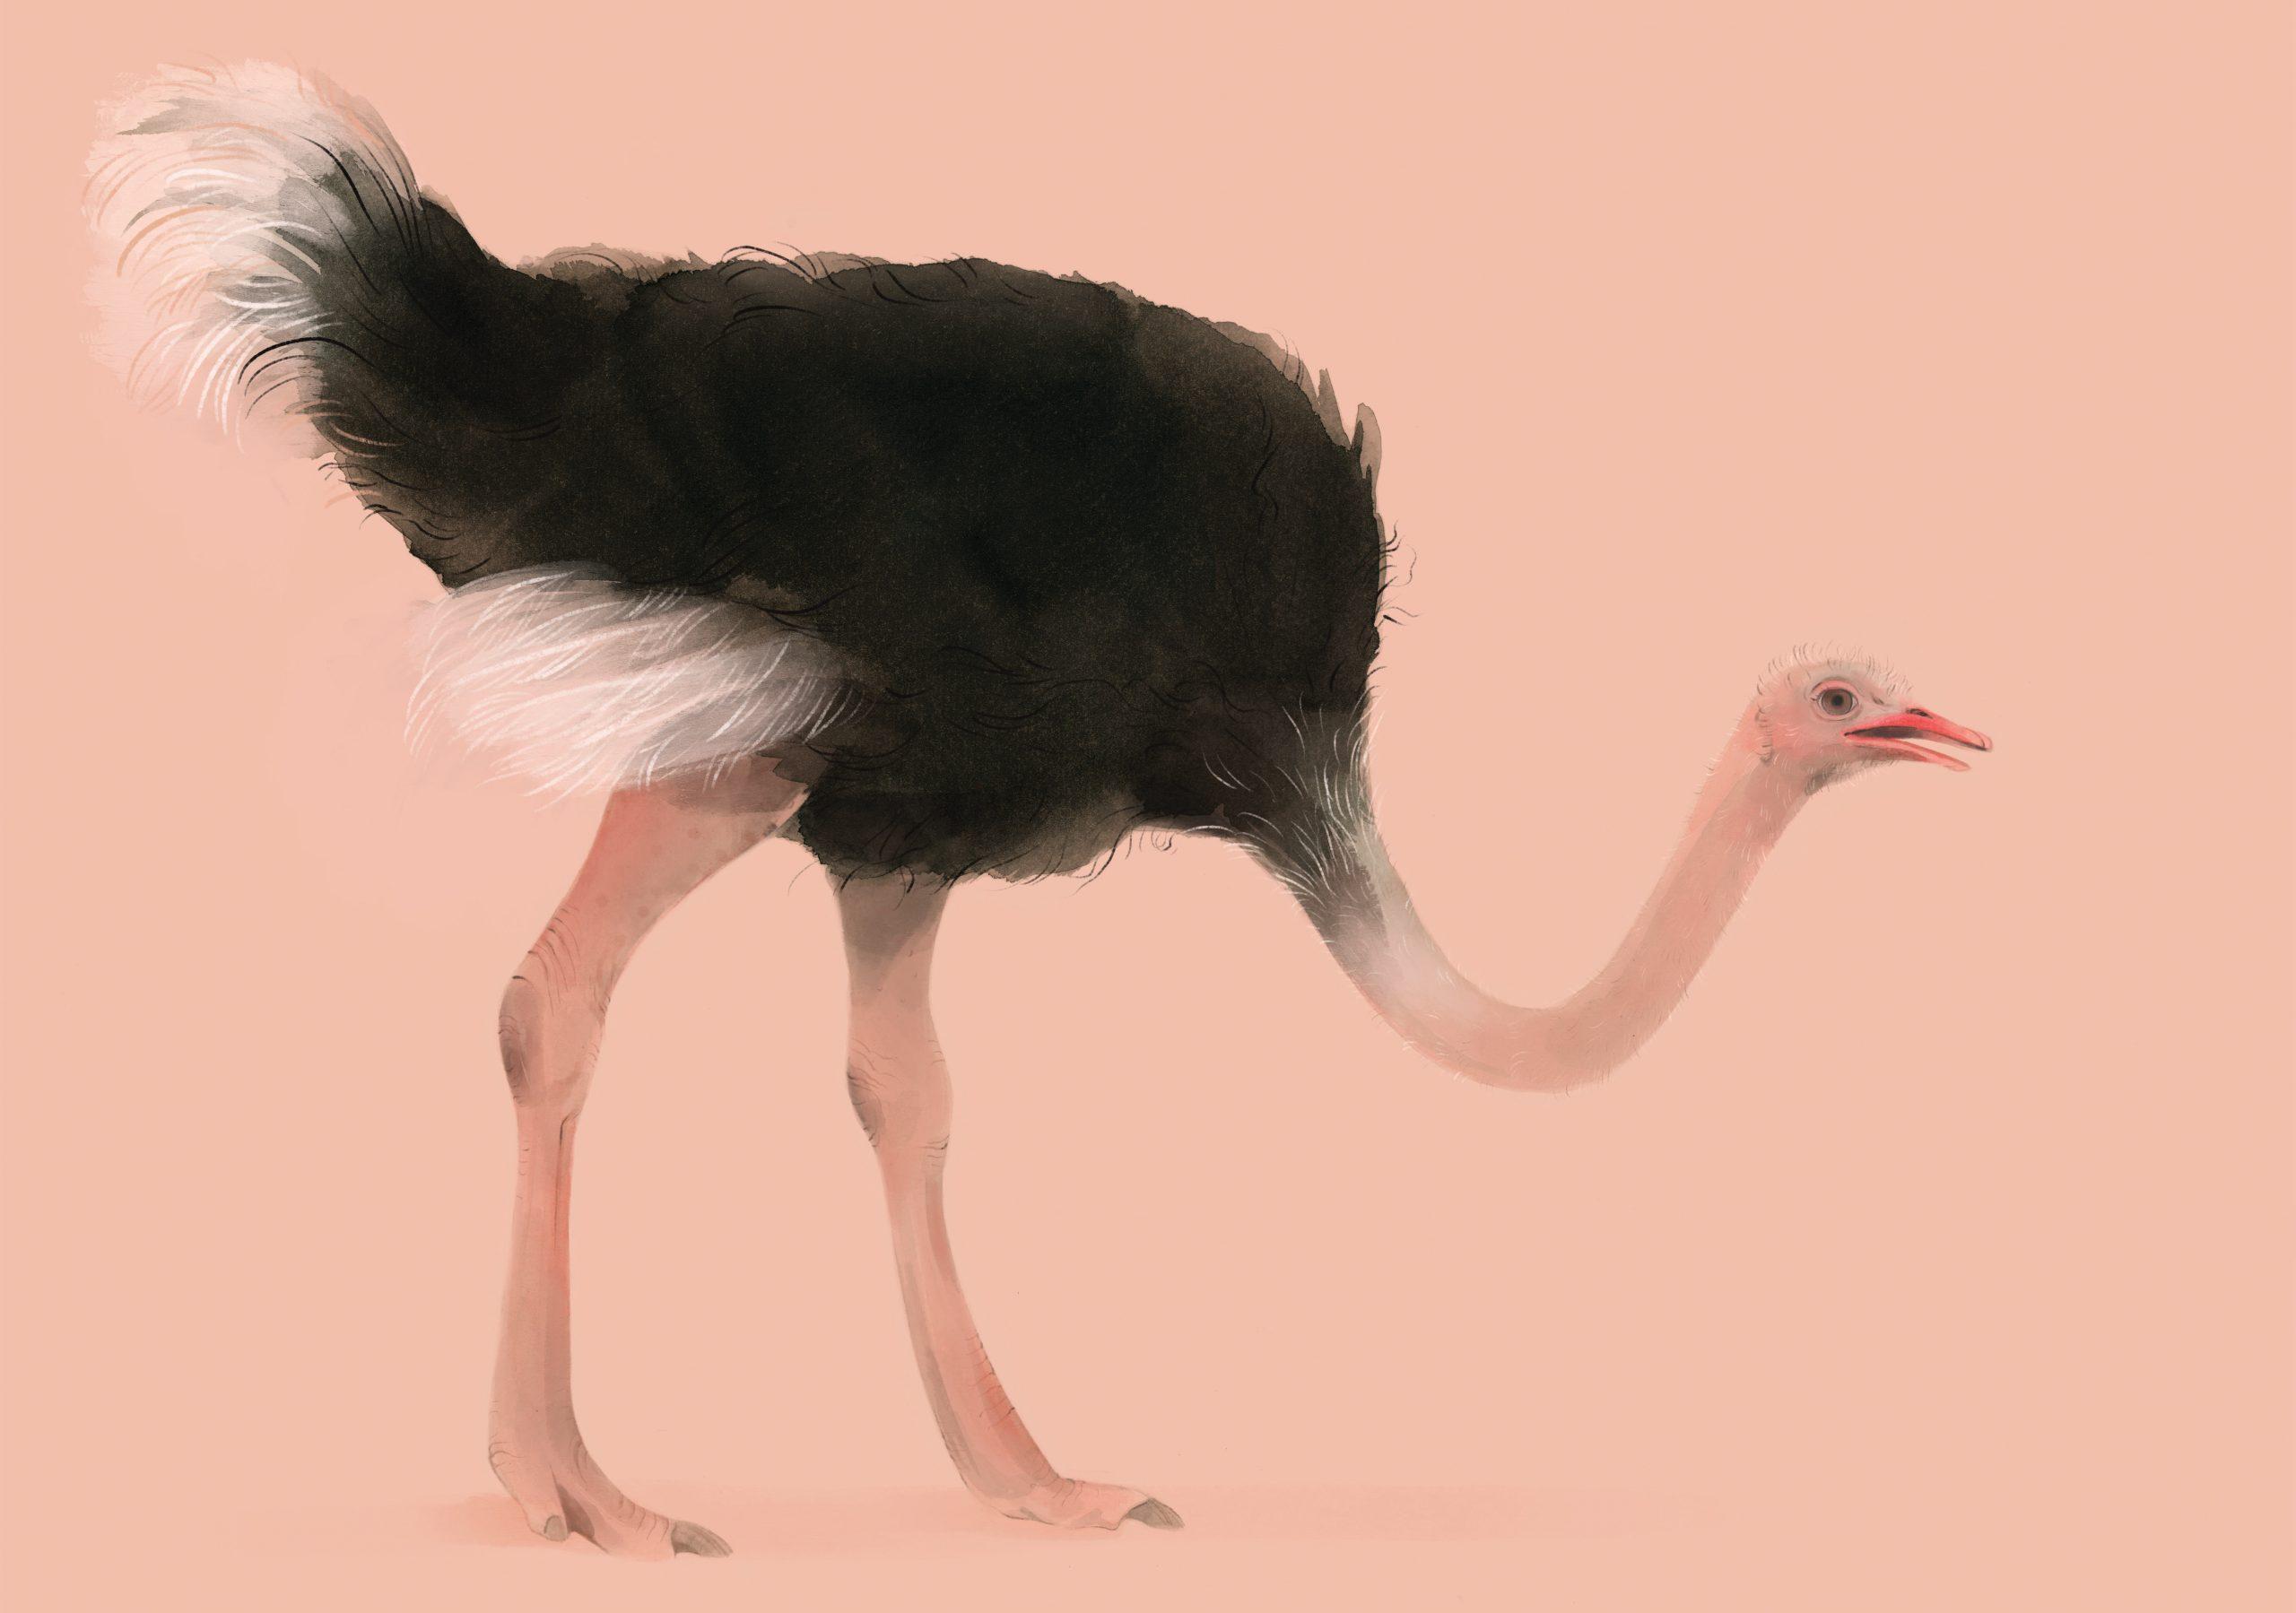 19.StruisvogelPortet